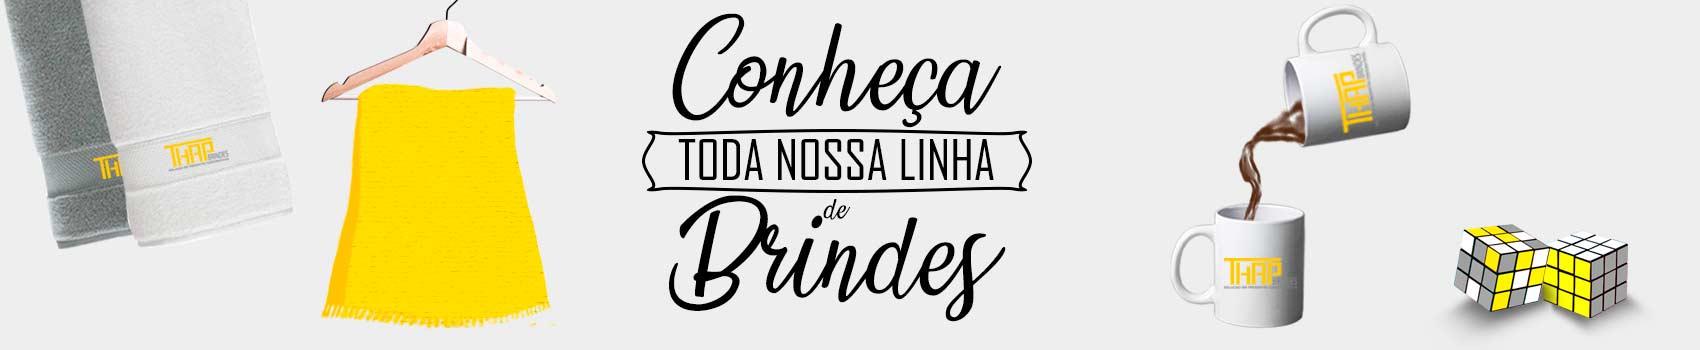 Thap  Brindes